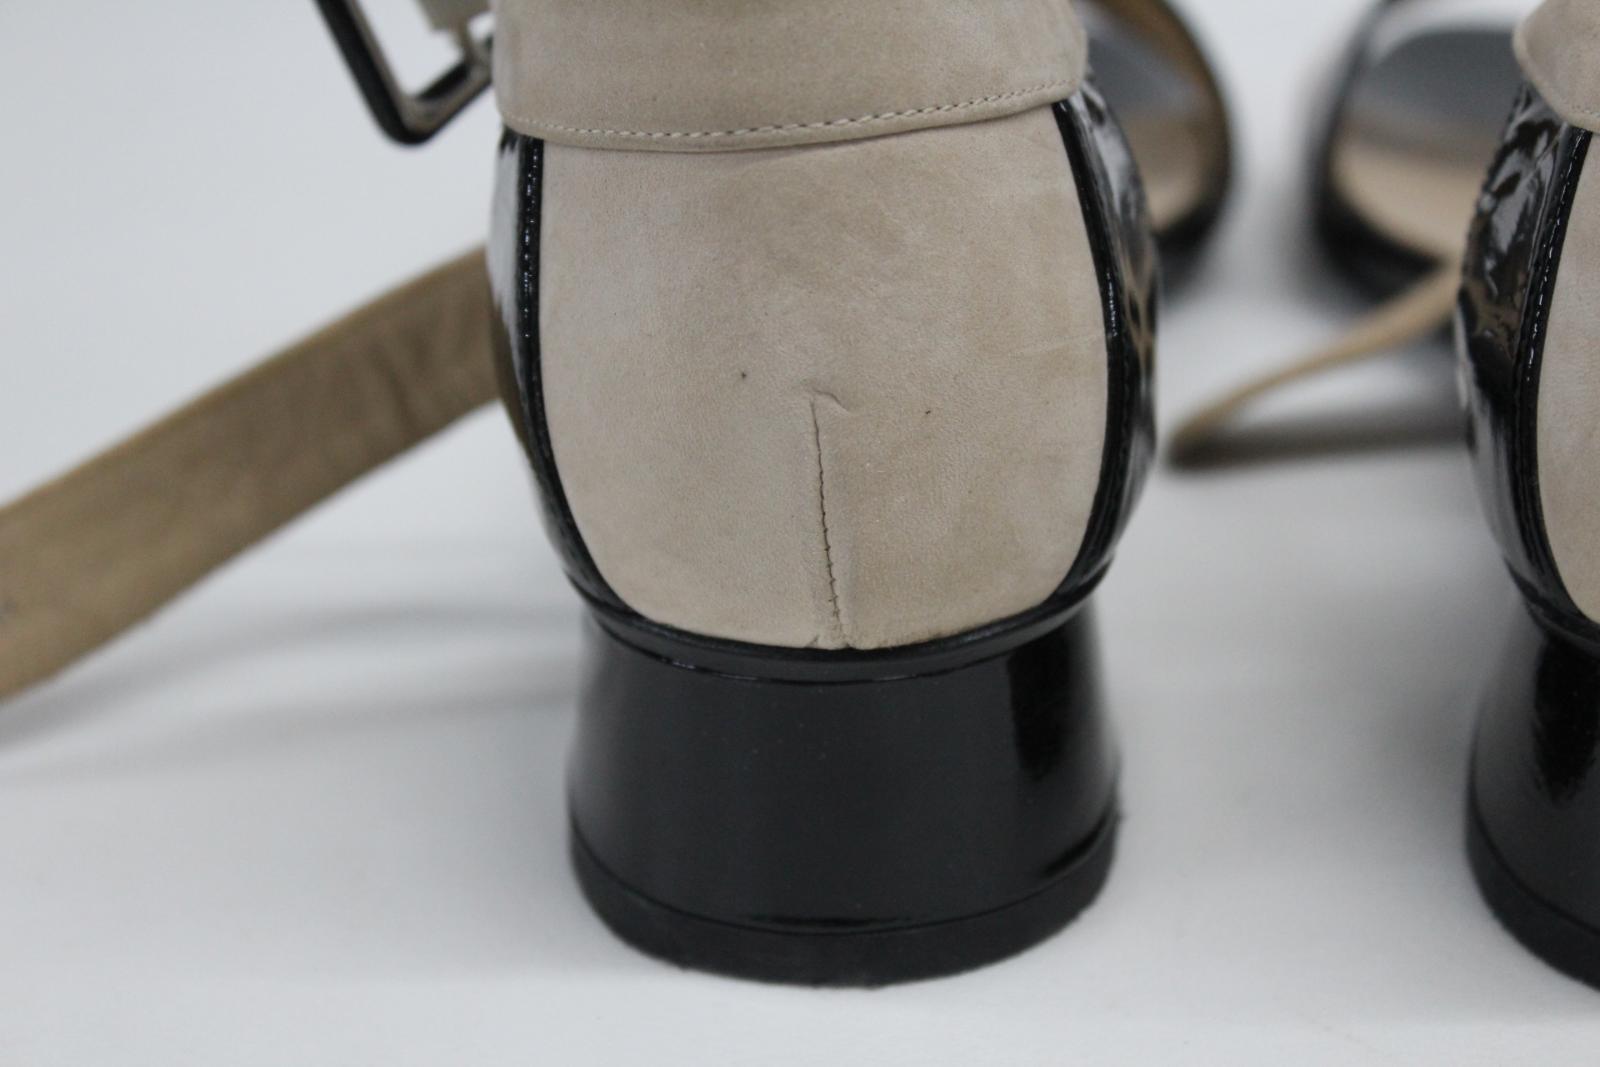 AUDLEY-London-Ladies-Black-amp-Beige-Ankle-Strap-Mid-Heel-Sandal-Shoes-EU39-UK6 thumbnail 5